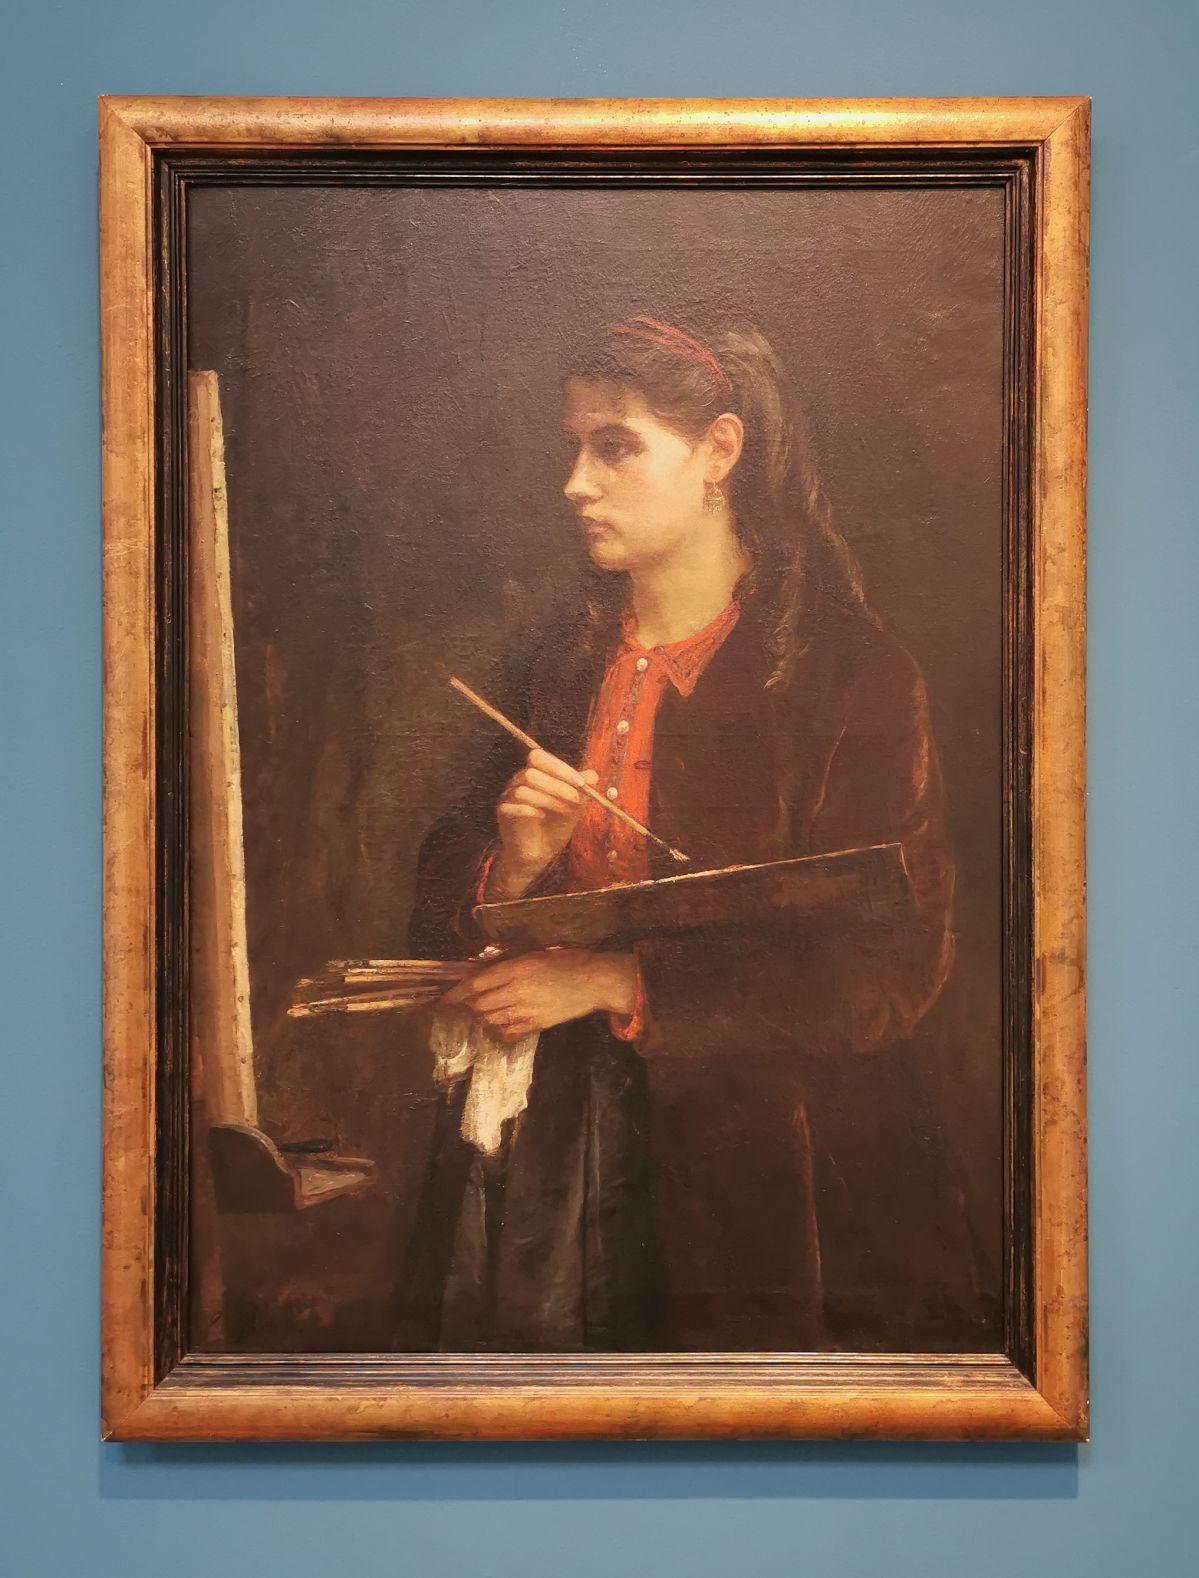 Edma Morizot - Portrait de Berthe, c 1865 - Paul Valéry et les peintres - Le cercle familial - Musée Paul Valéry à Sète